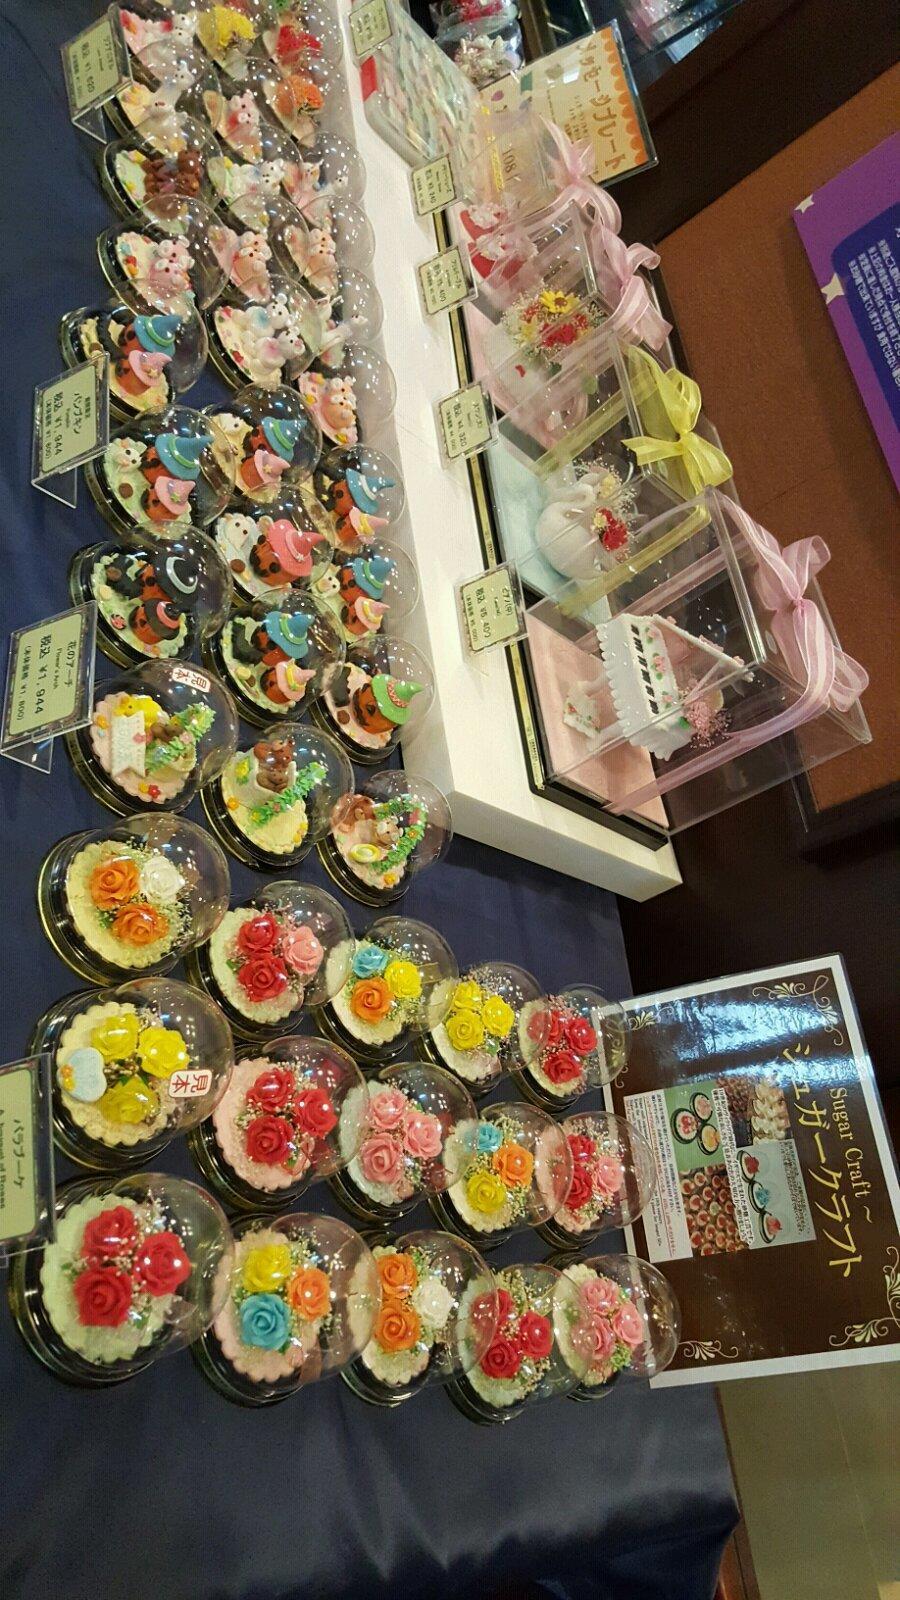 白色恋人工厂,照片展览,甜品店还有自己可以制作白色恋人饼干的地方.